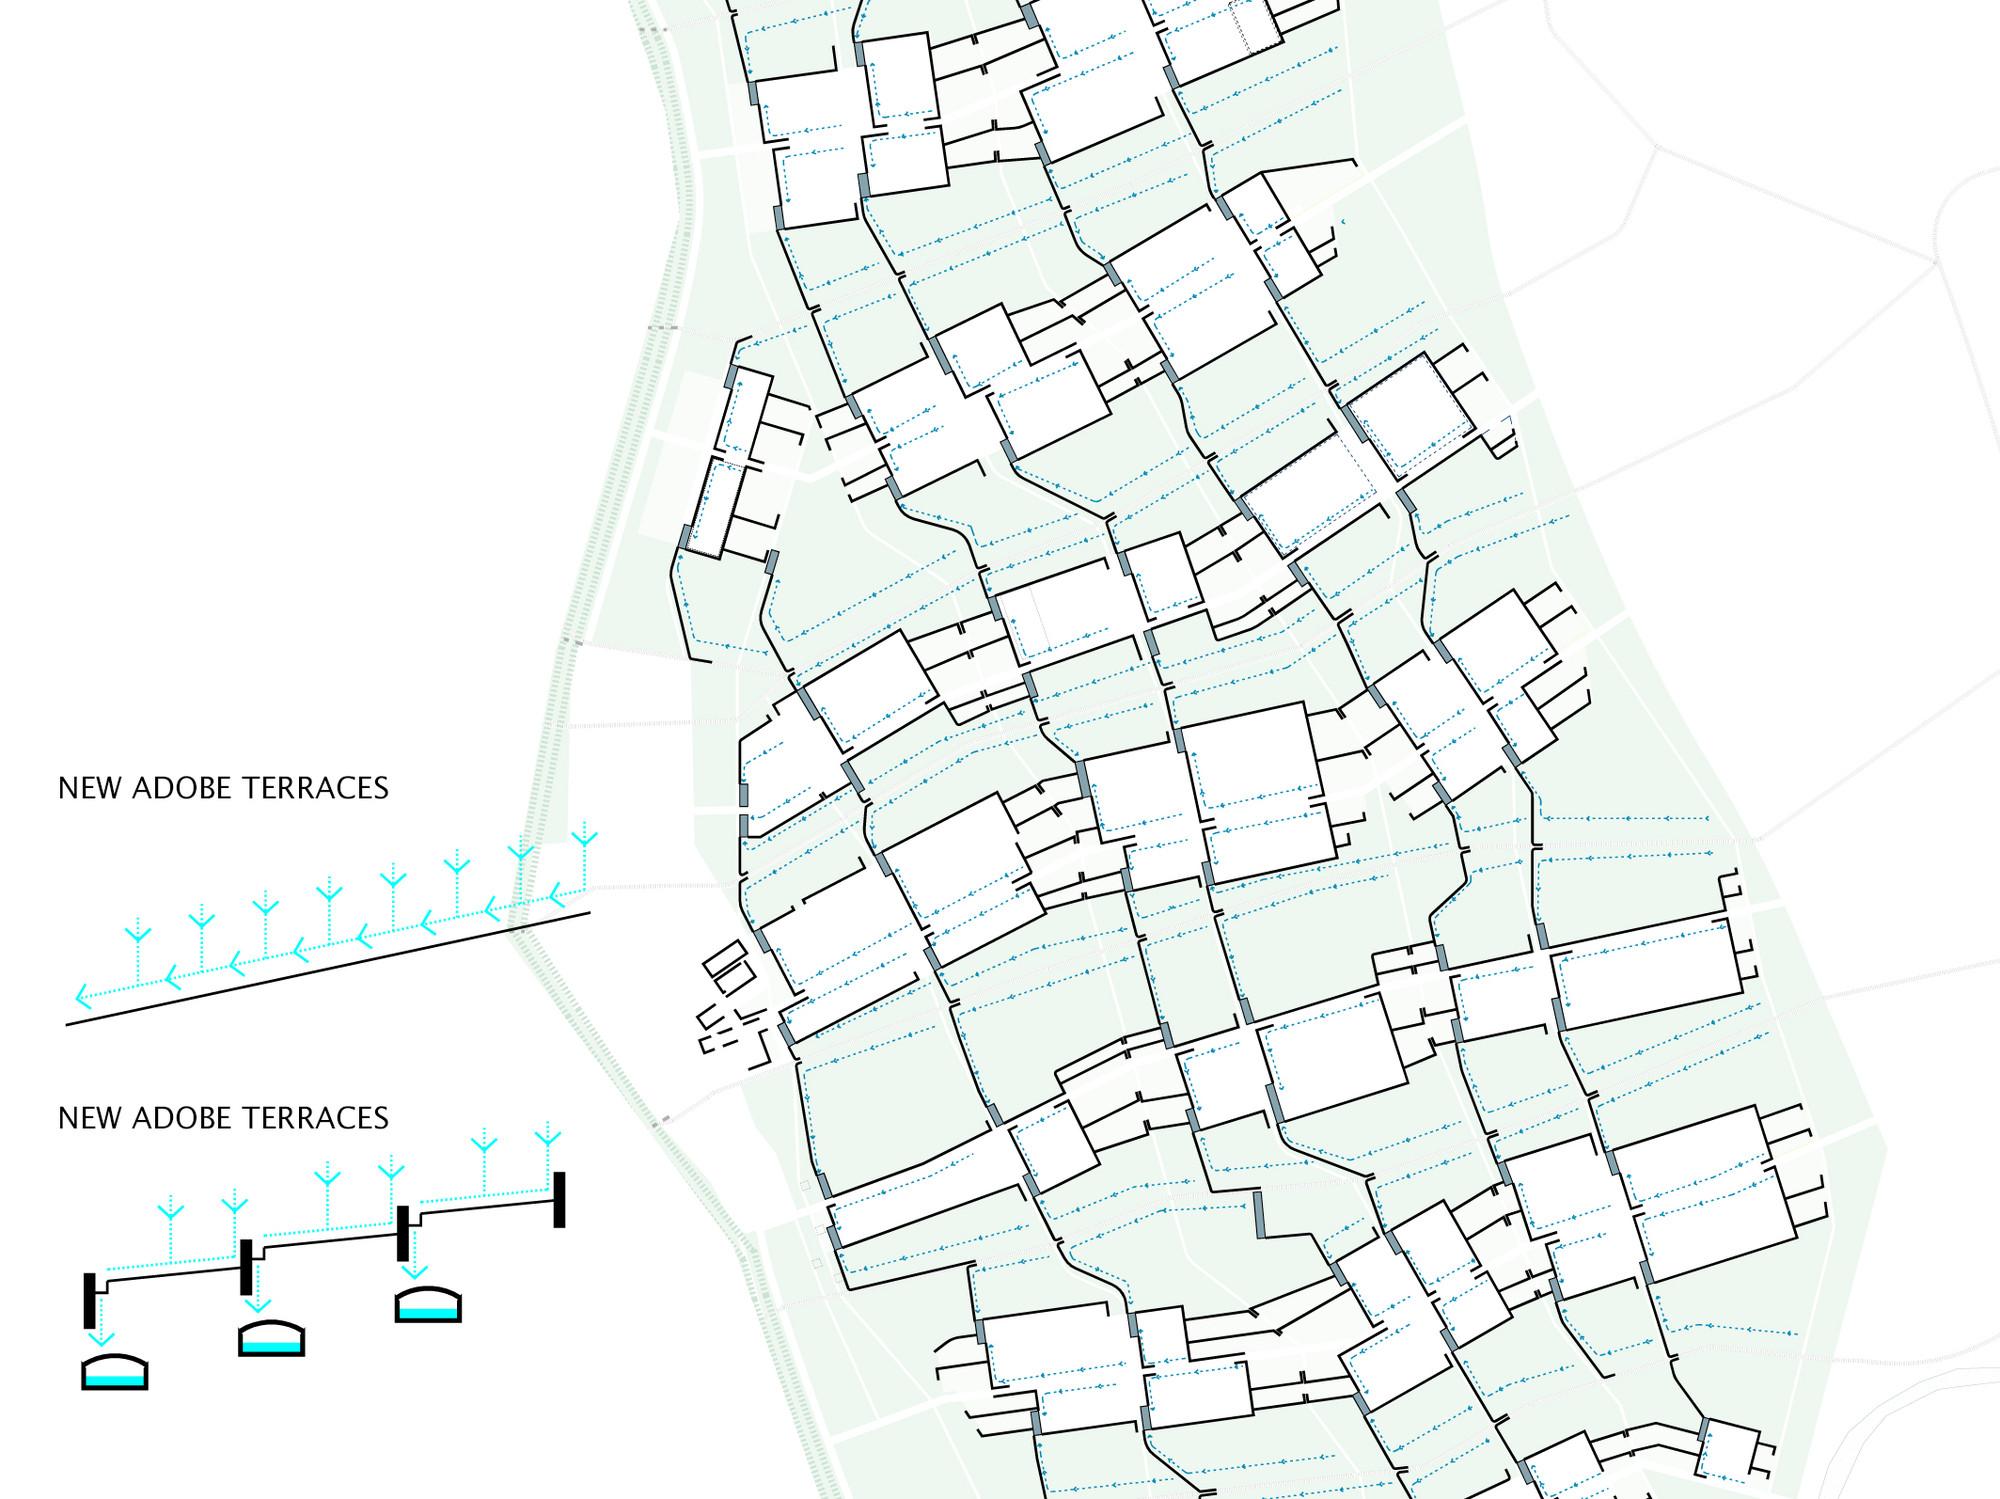 Detalle del plan: Infraestructura de recolección de aguas lluvias. Image Cortesia de DAT Pangea